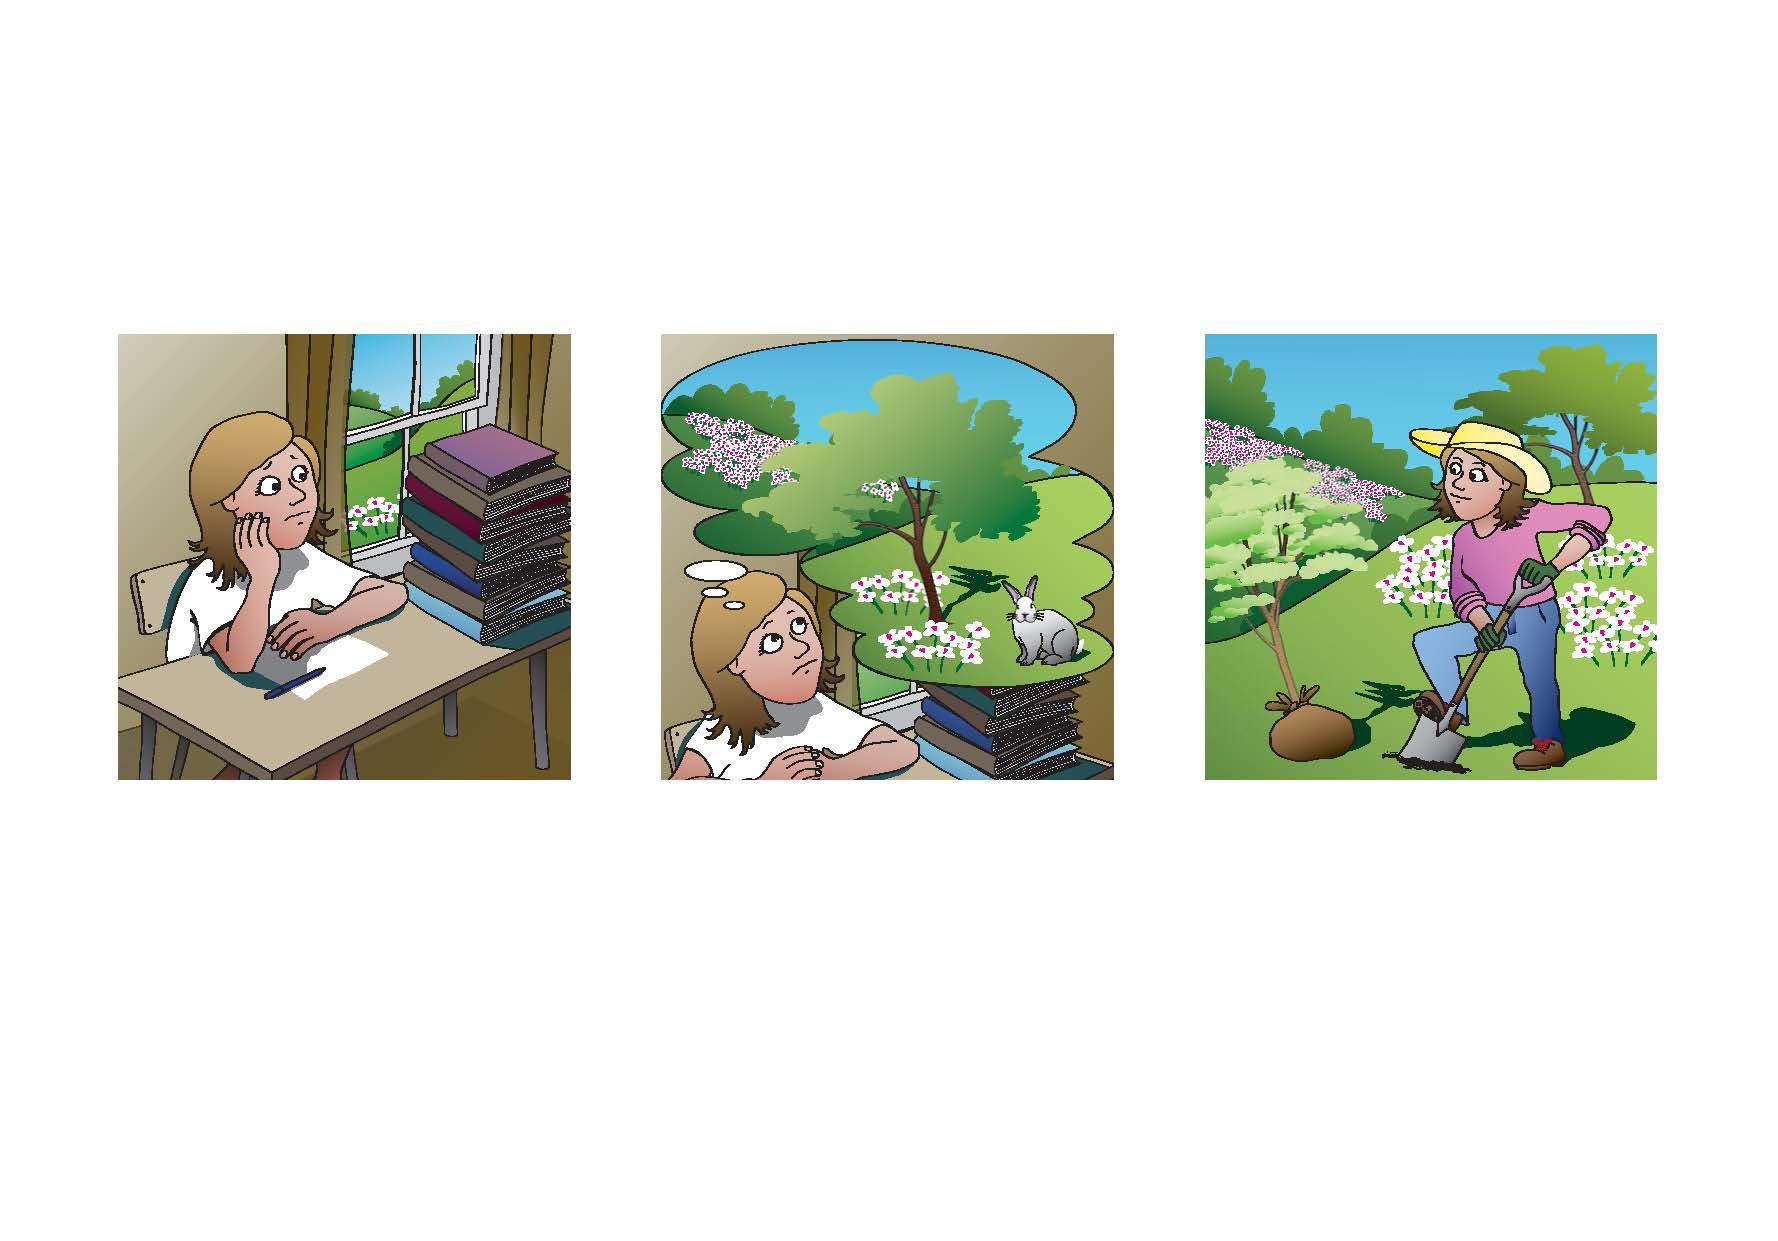 Cartoon Illustrations Simon Ward Freelance Illustrator